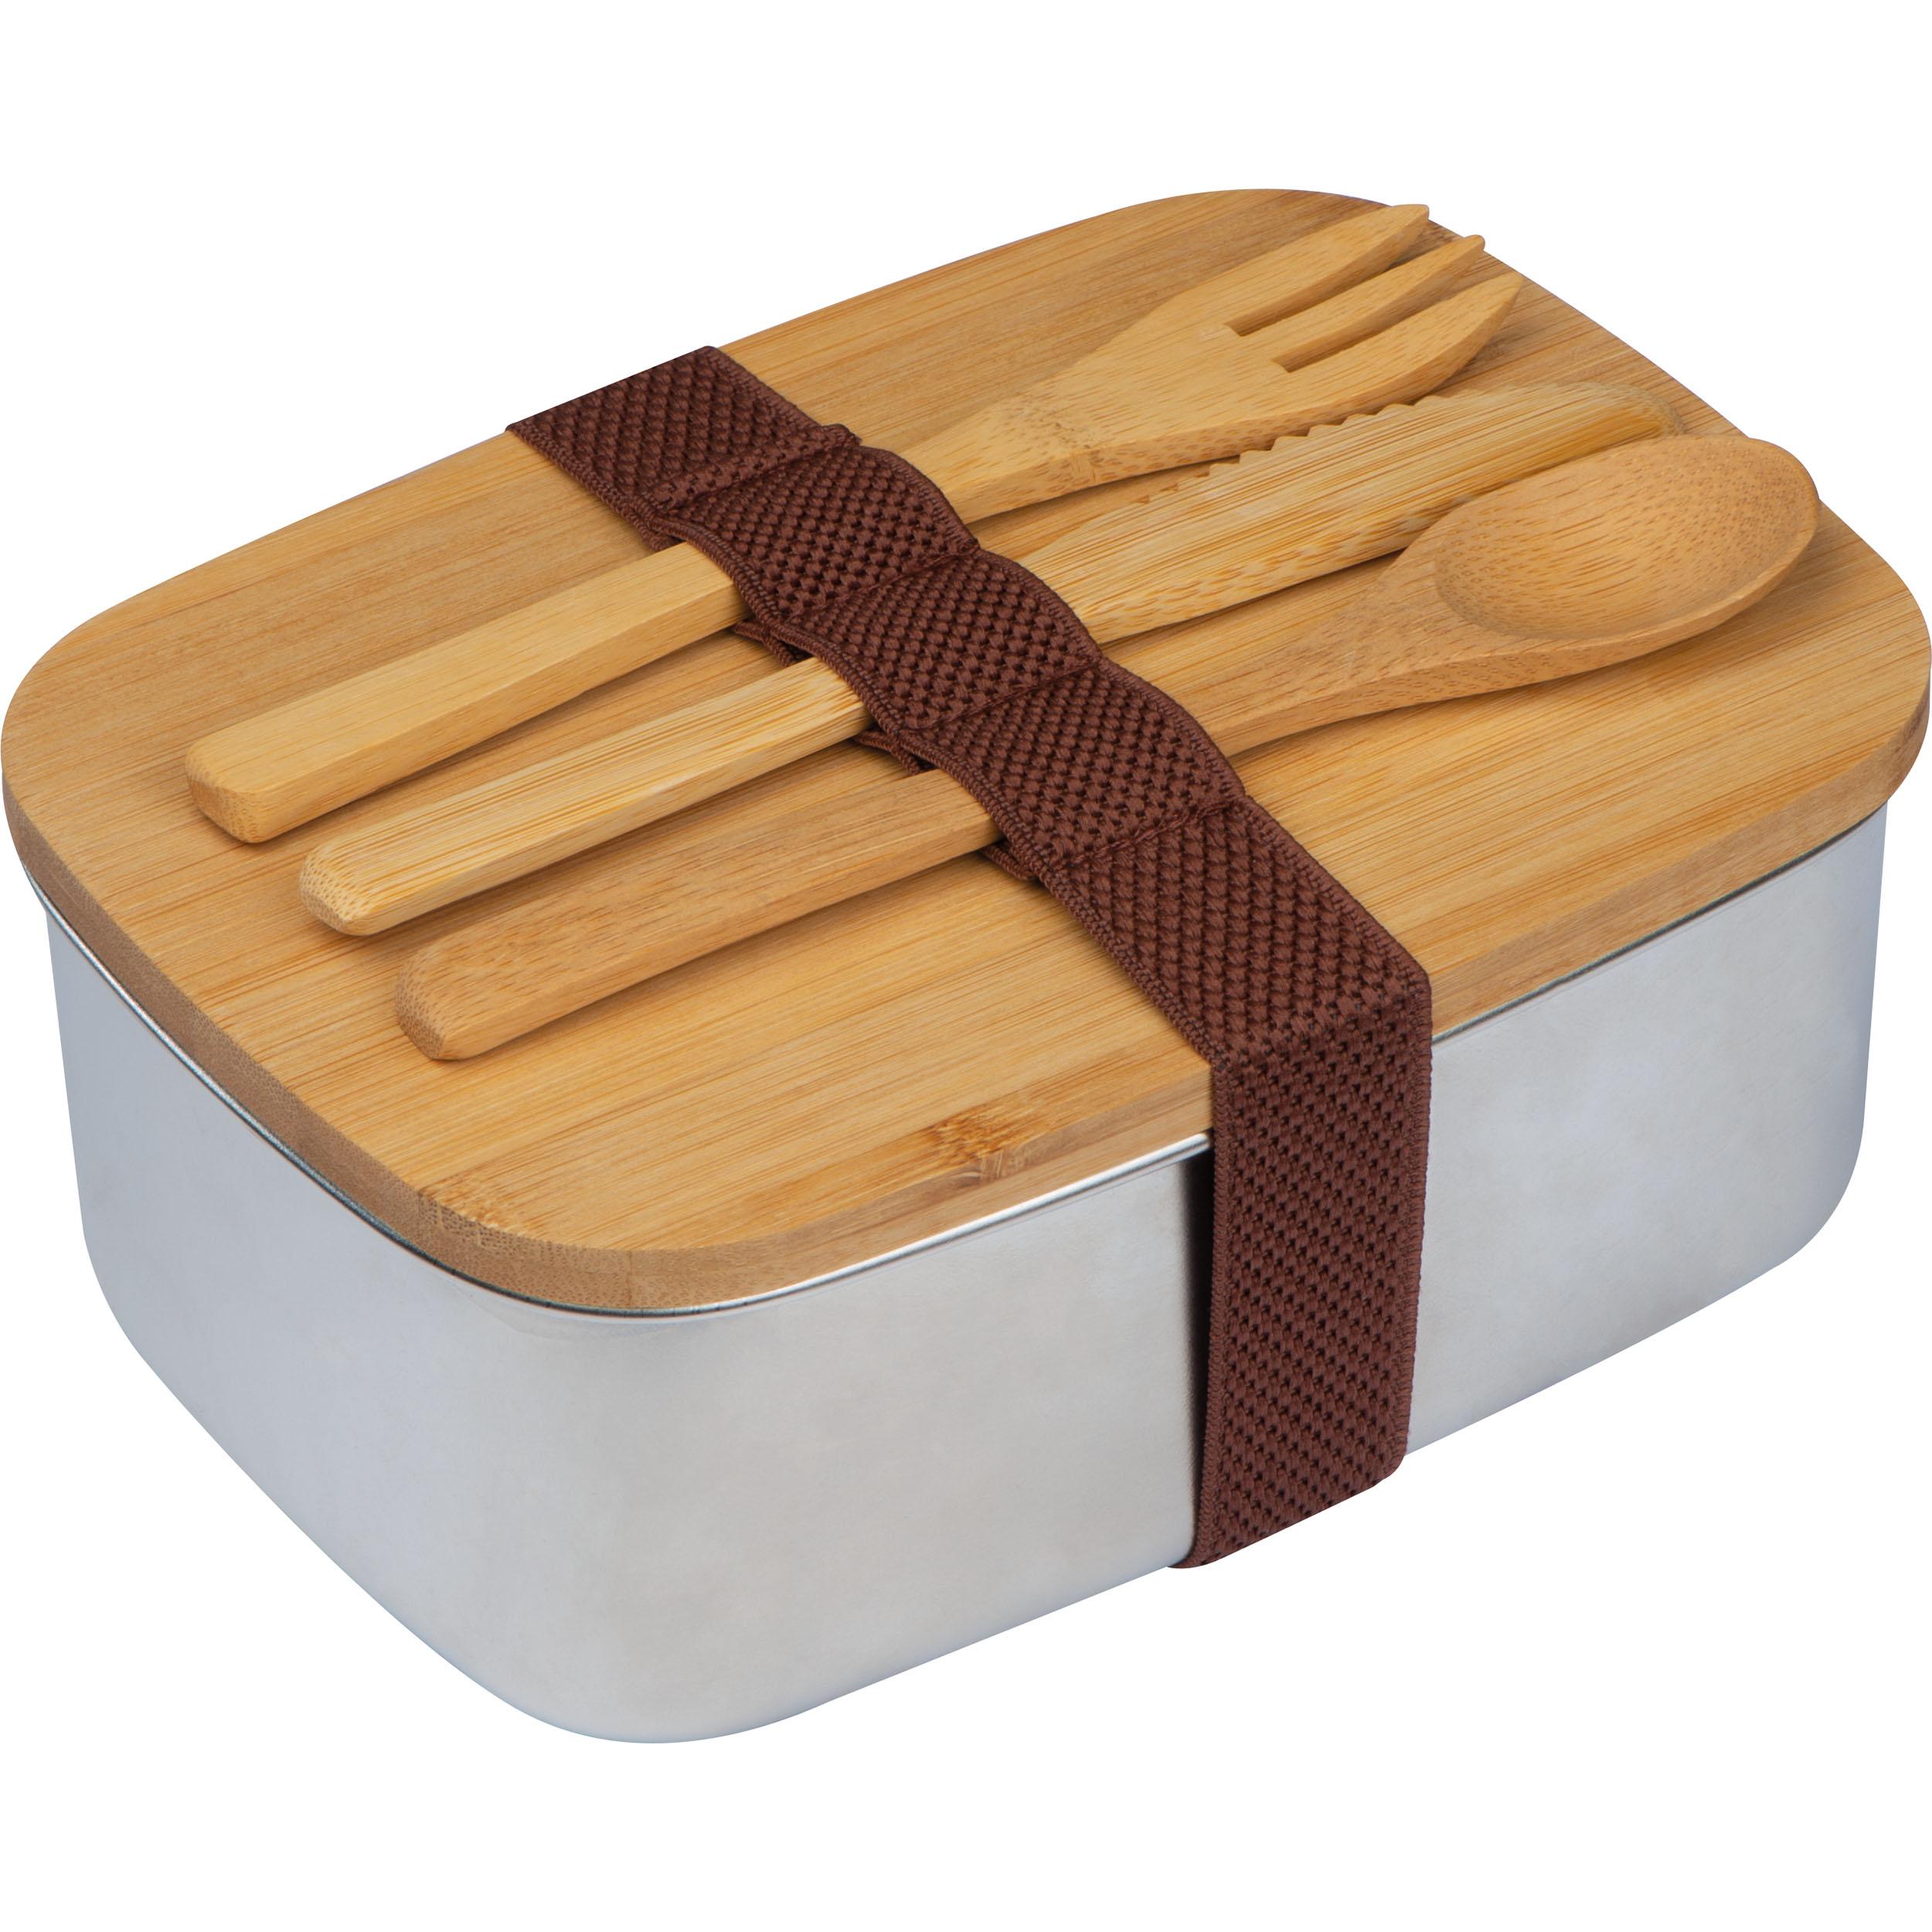 Boîte à snack avec couvercle en bambou et bande de silicone pour fermer